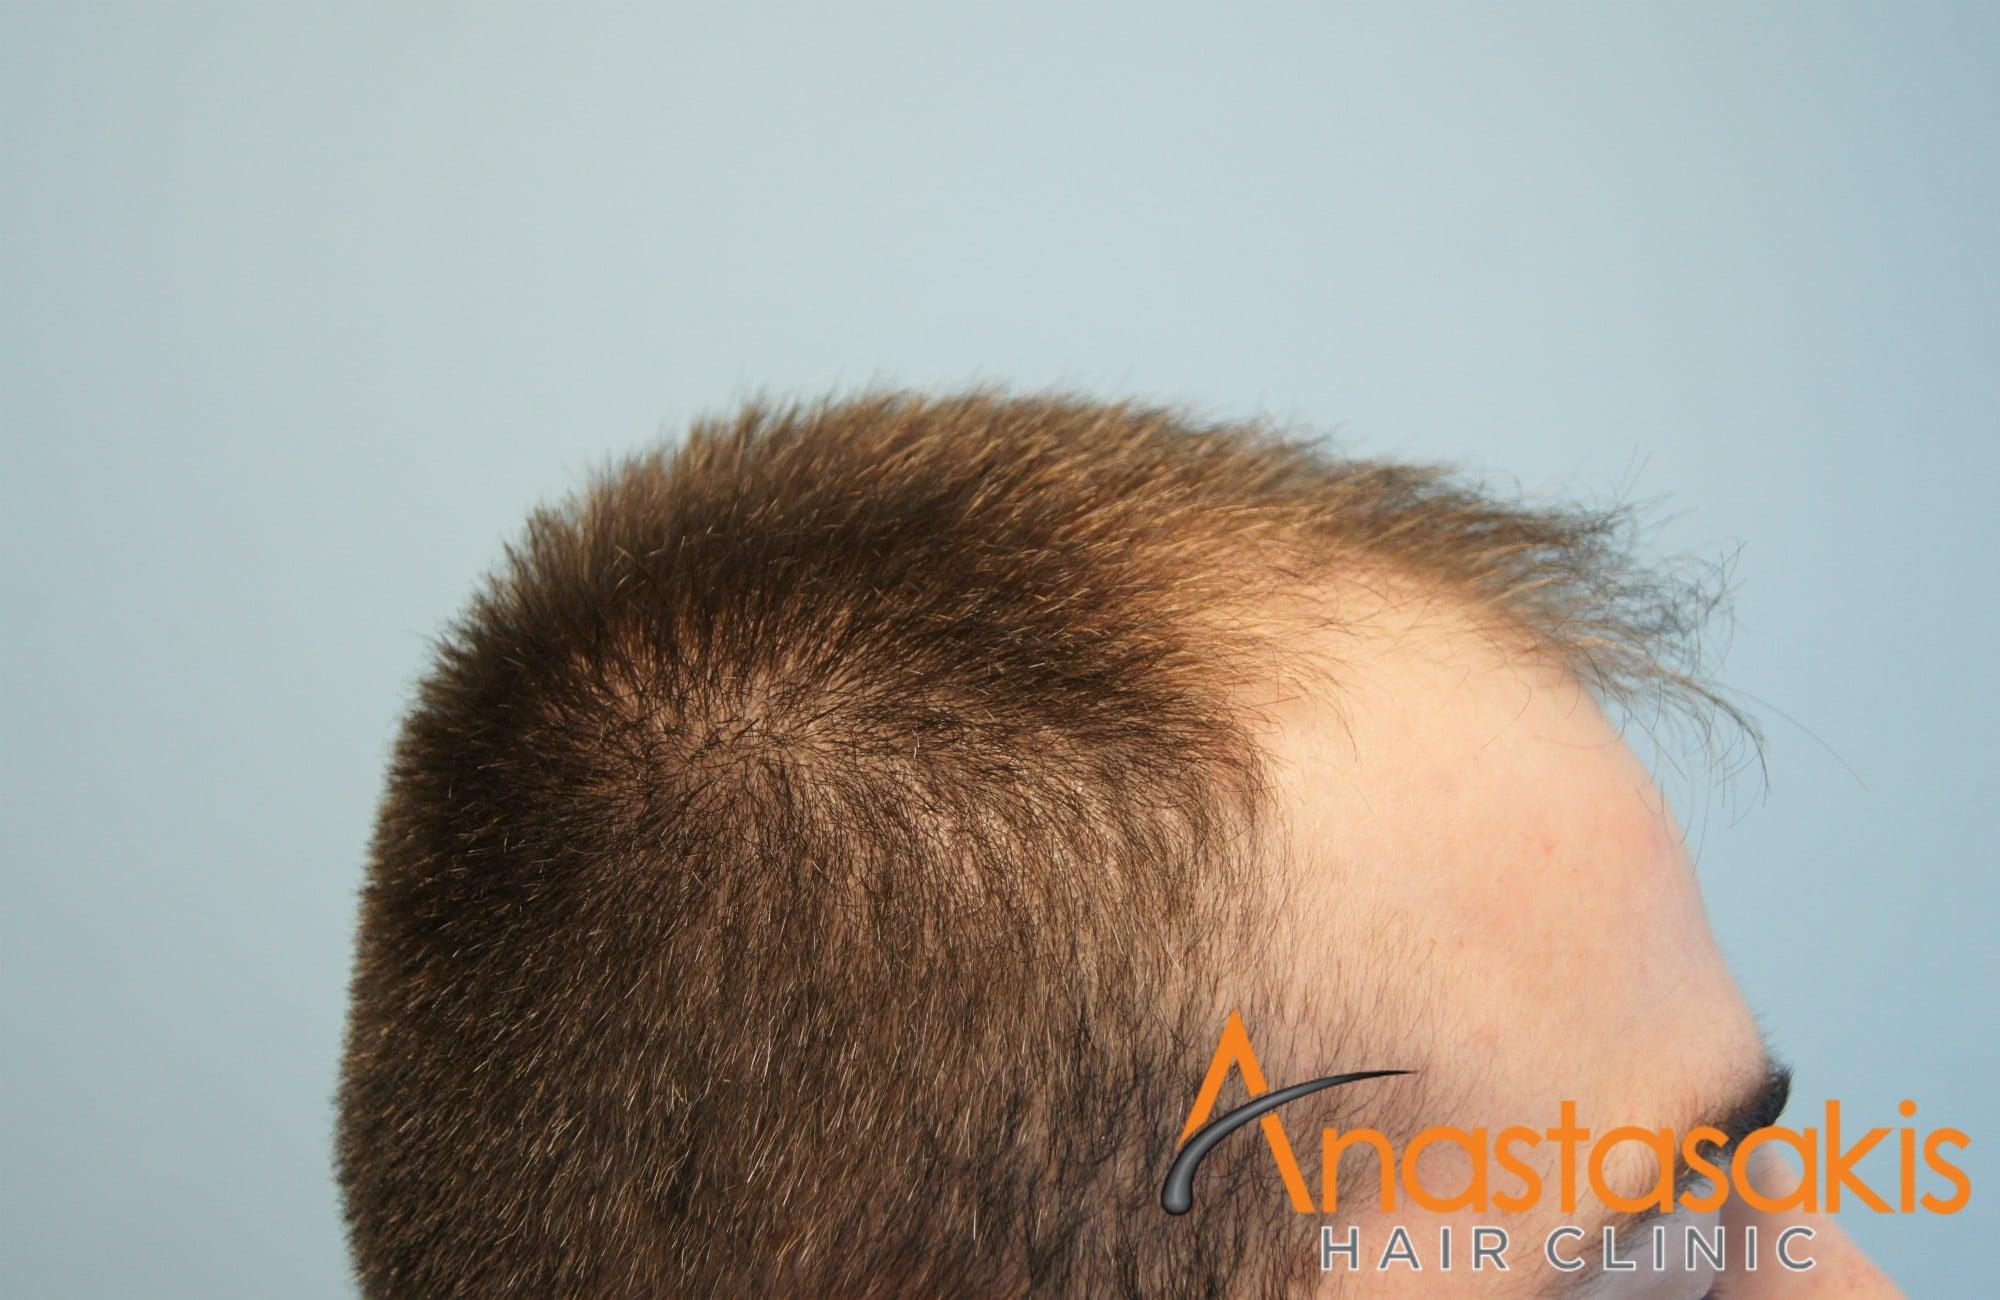 δεξι προφιλ ασθενούς πριν τη μεταμοσχευση μαλλιων με 1500 fus